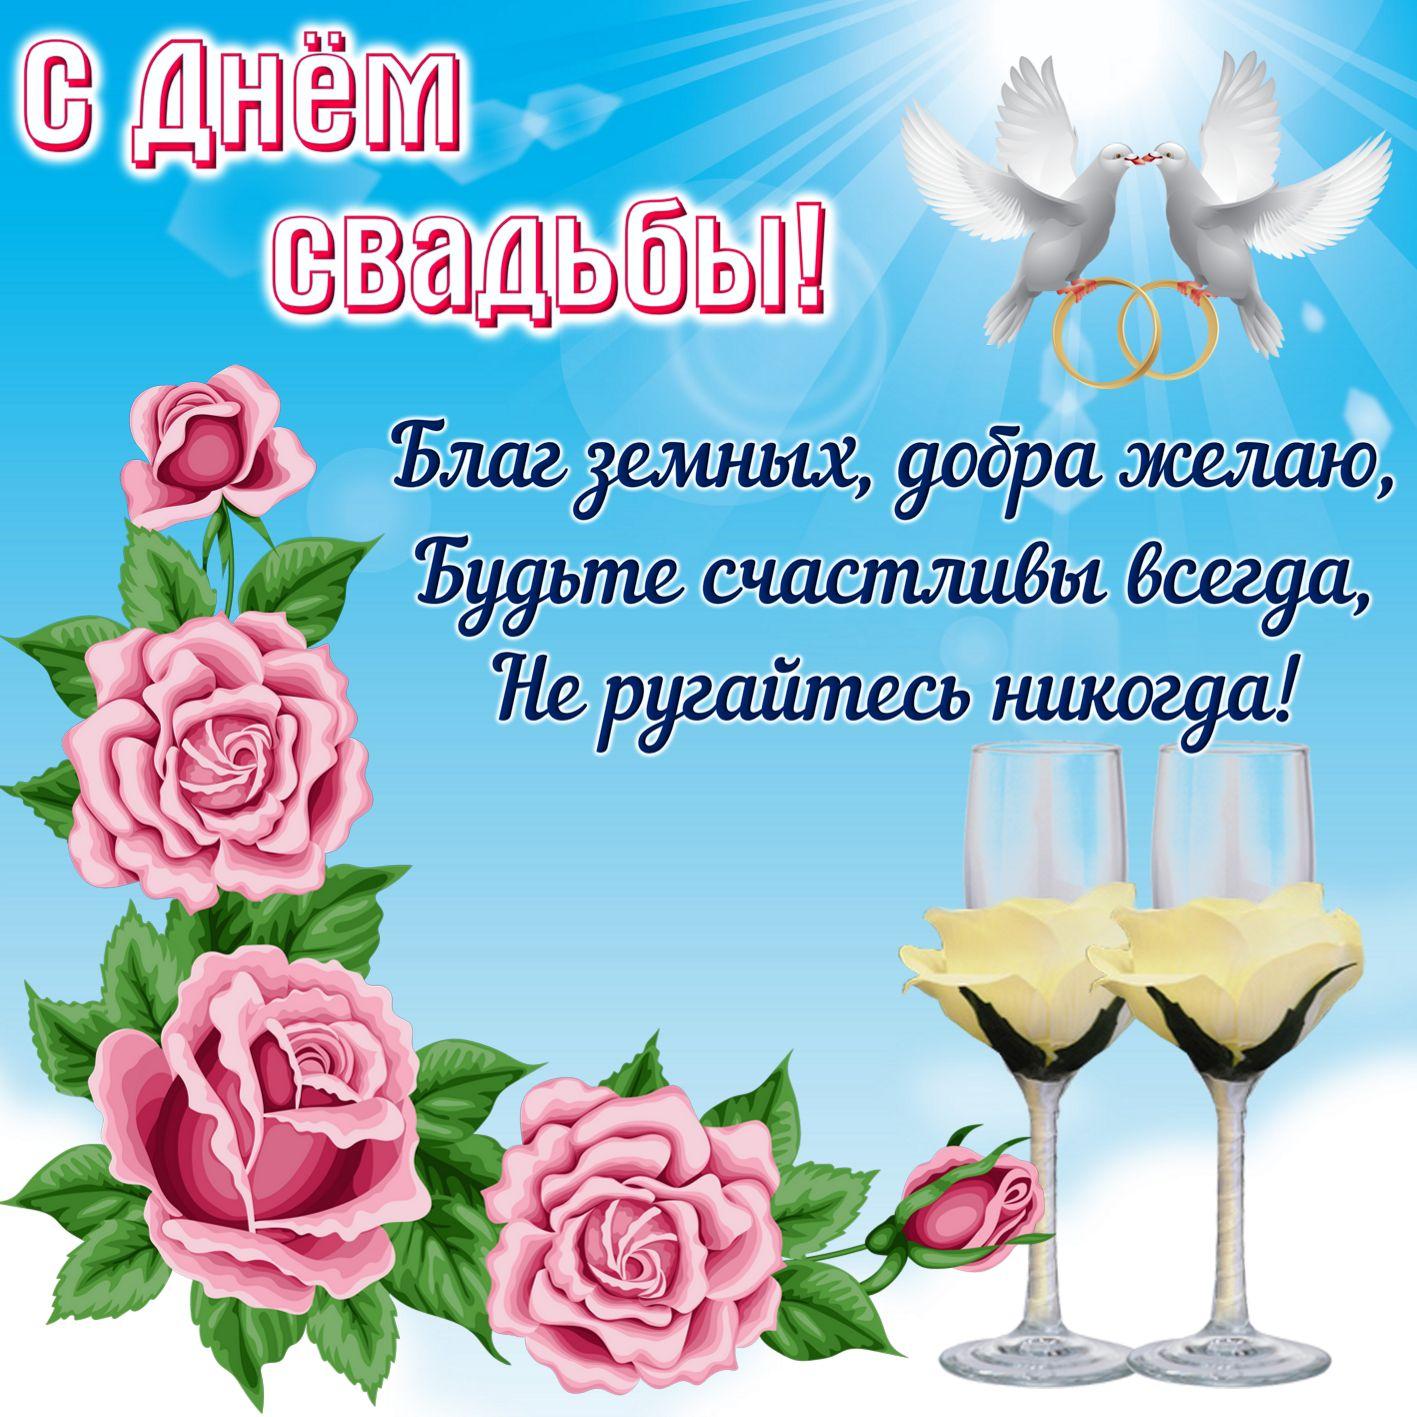 Поздравление директору со свадьбой